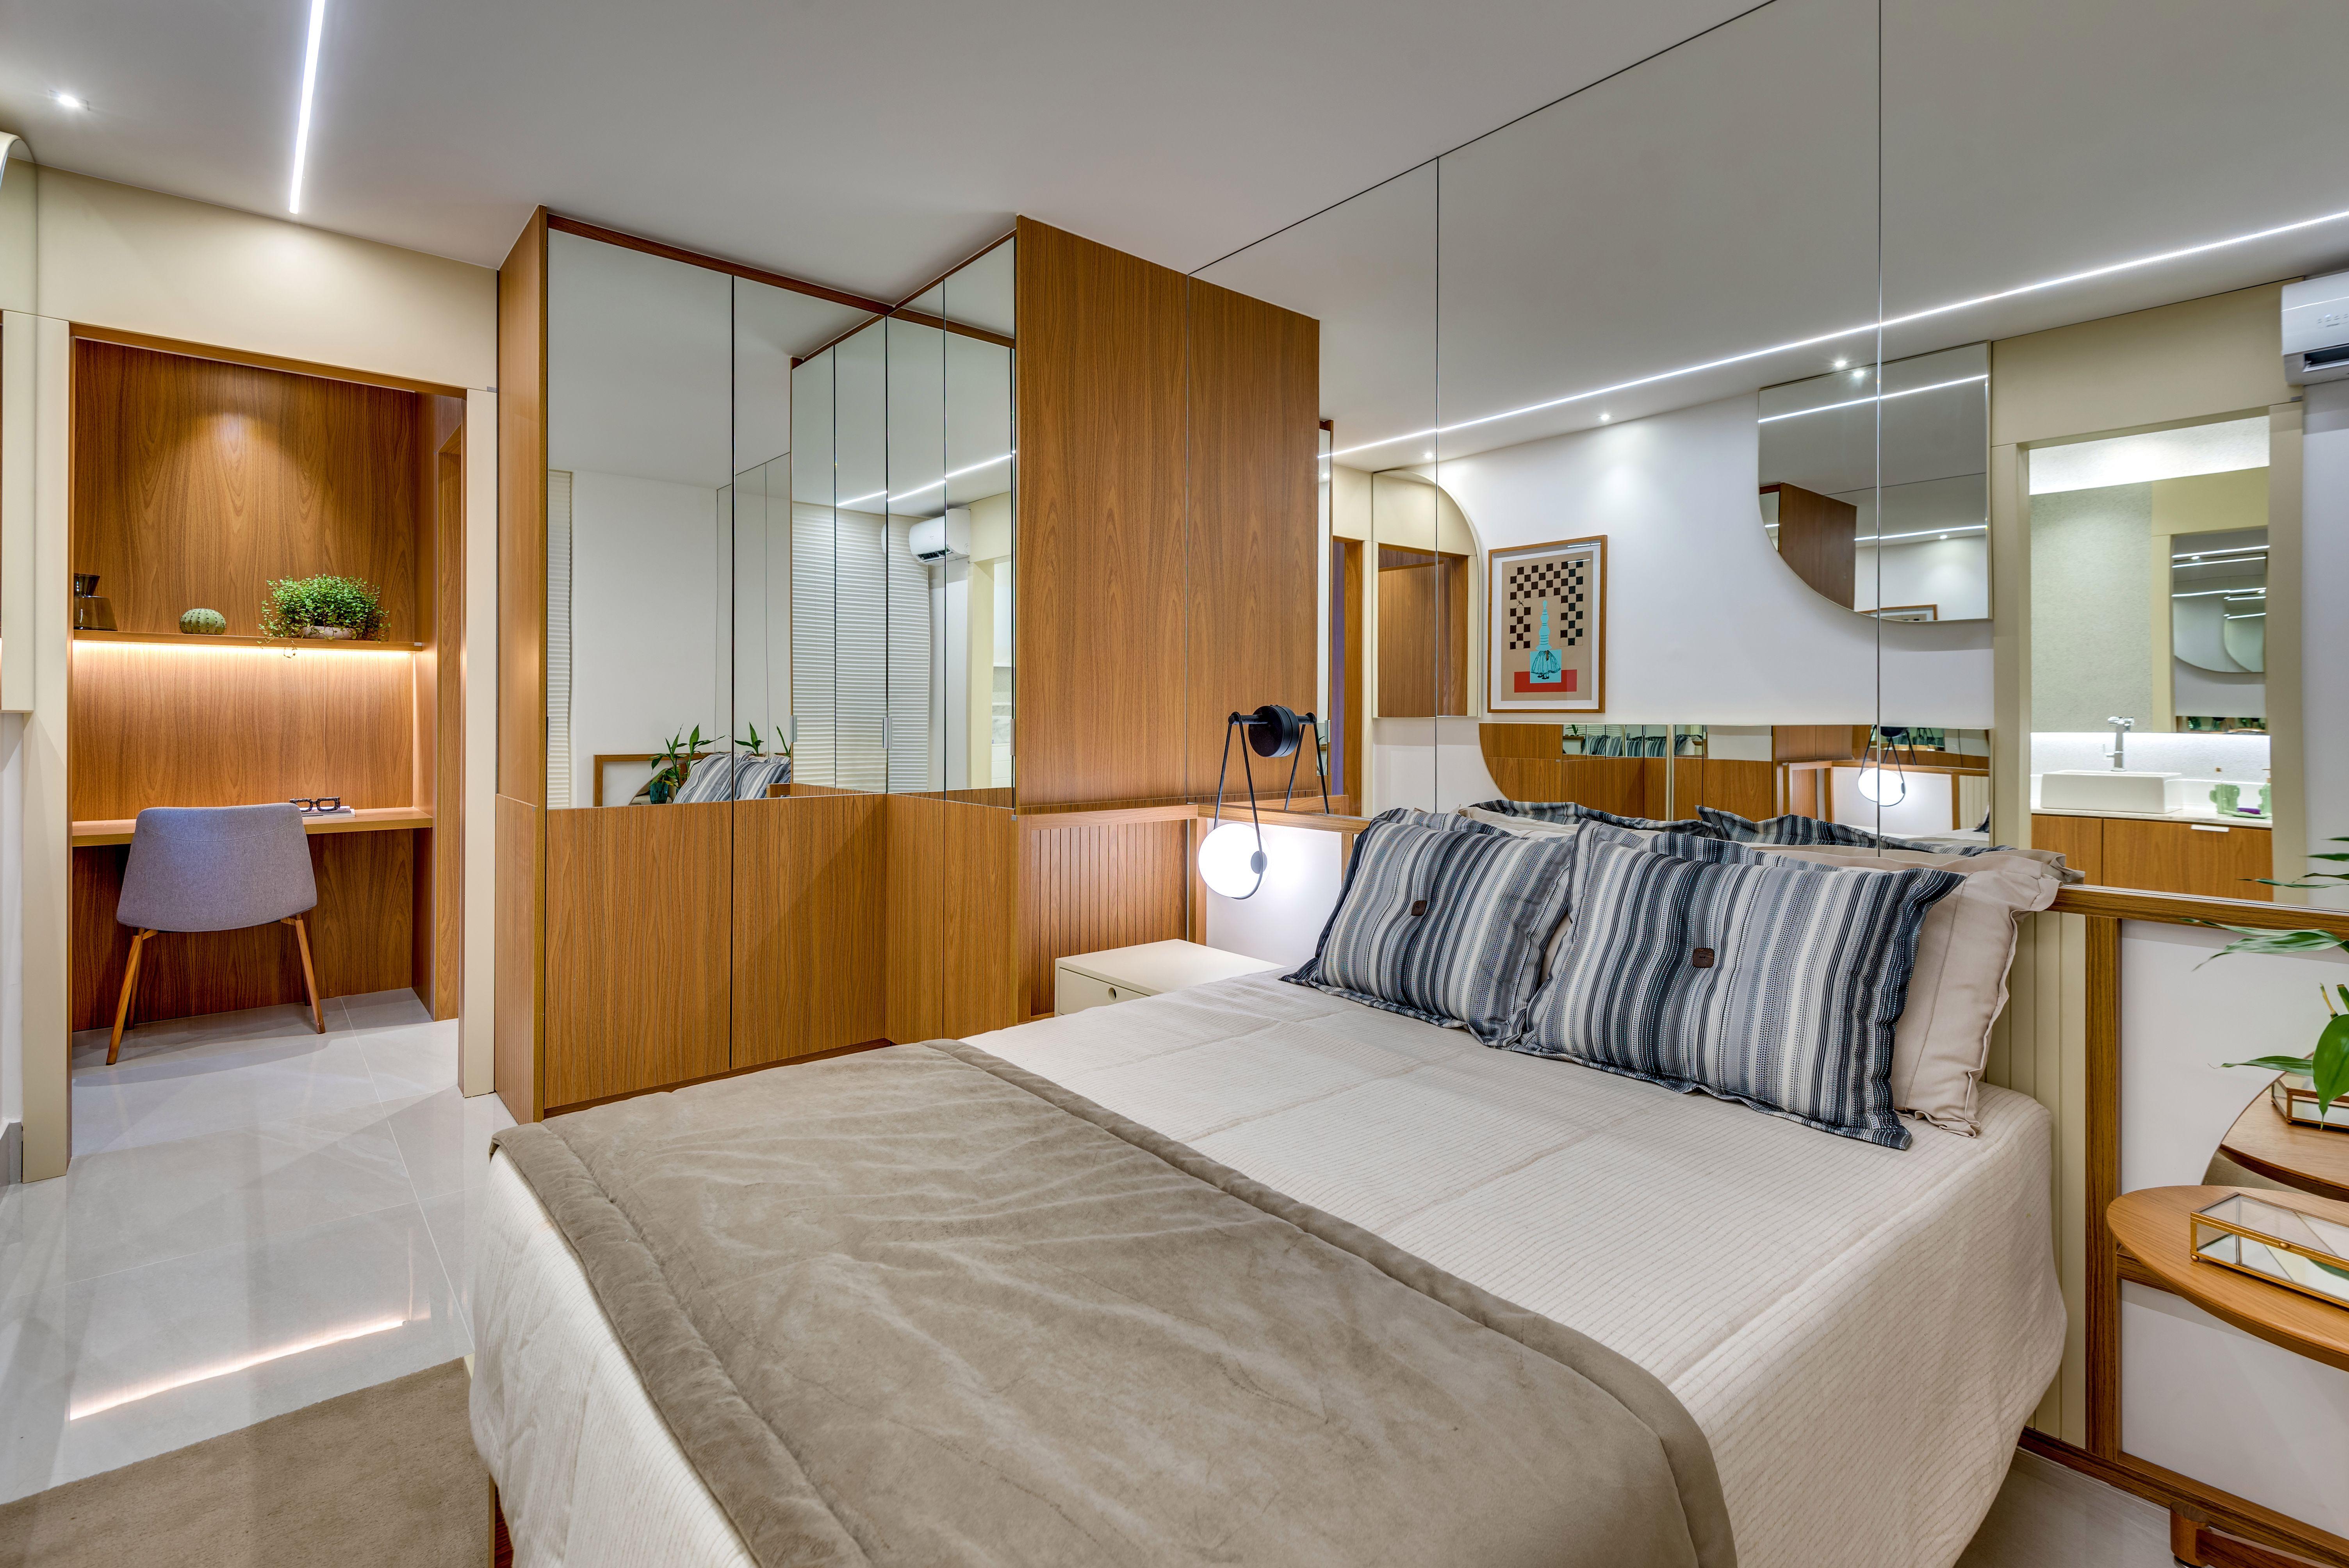 Muita madeira e espelhos marcam este apartamento assinado por Leo Romano.